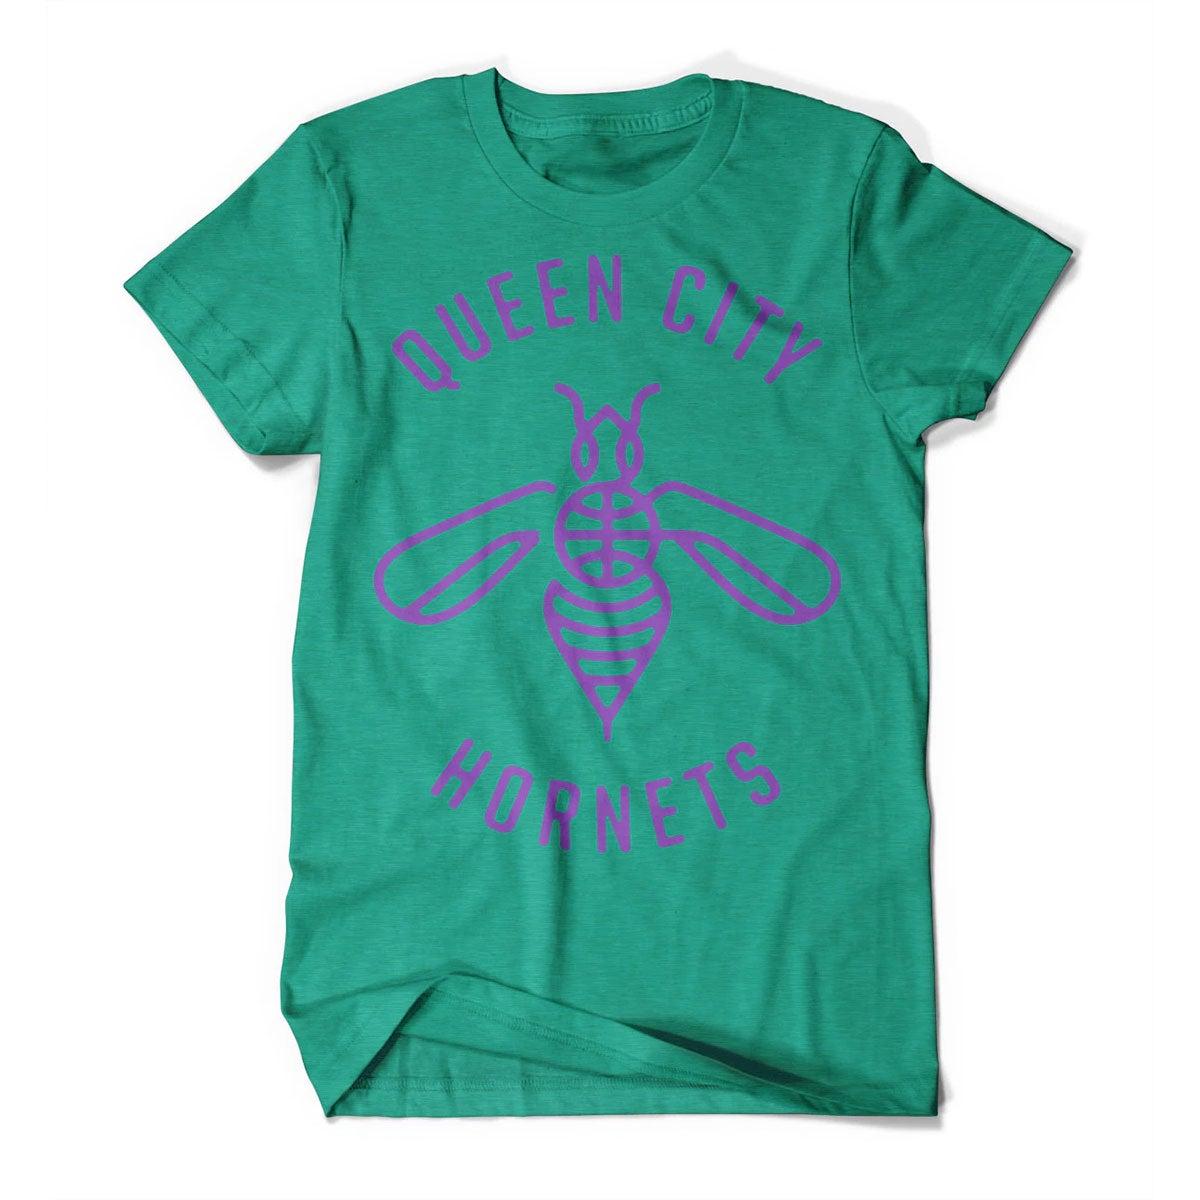 T shirt design on queen city - T Shirt Design On Queen City 1